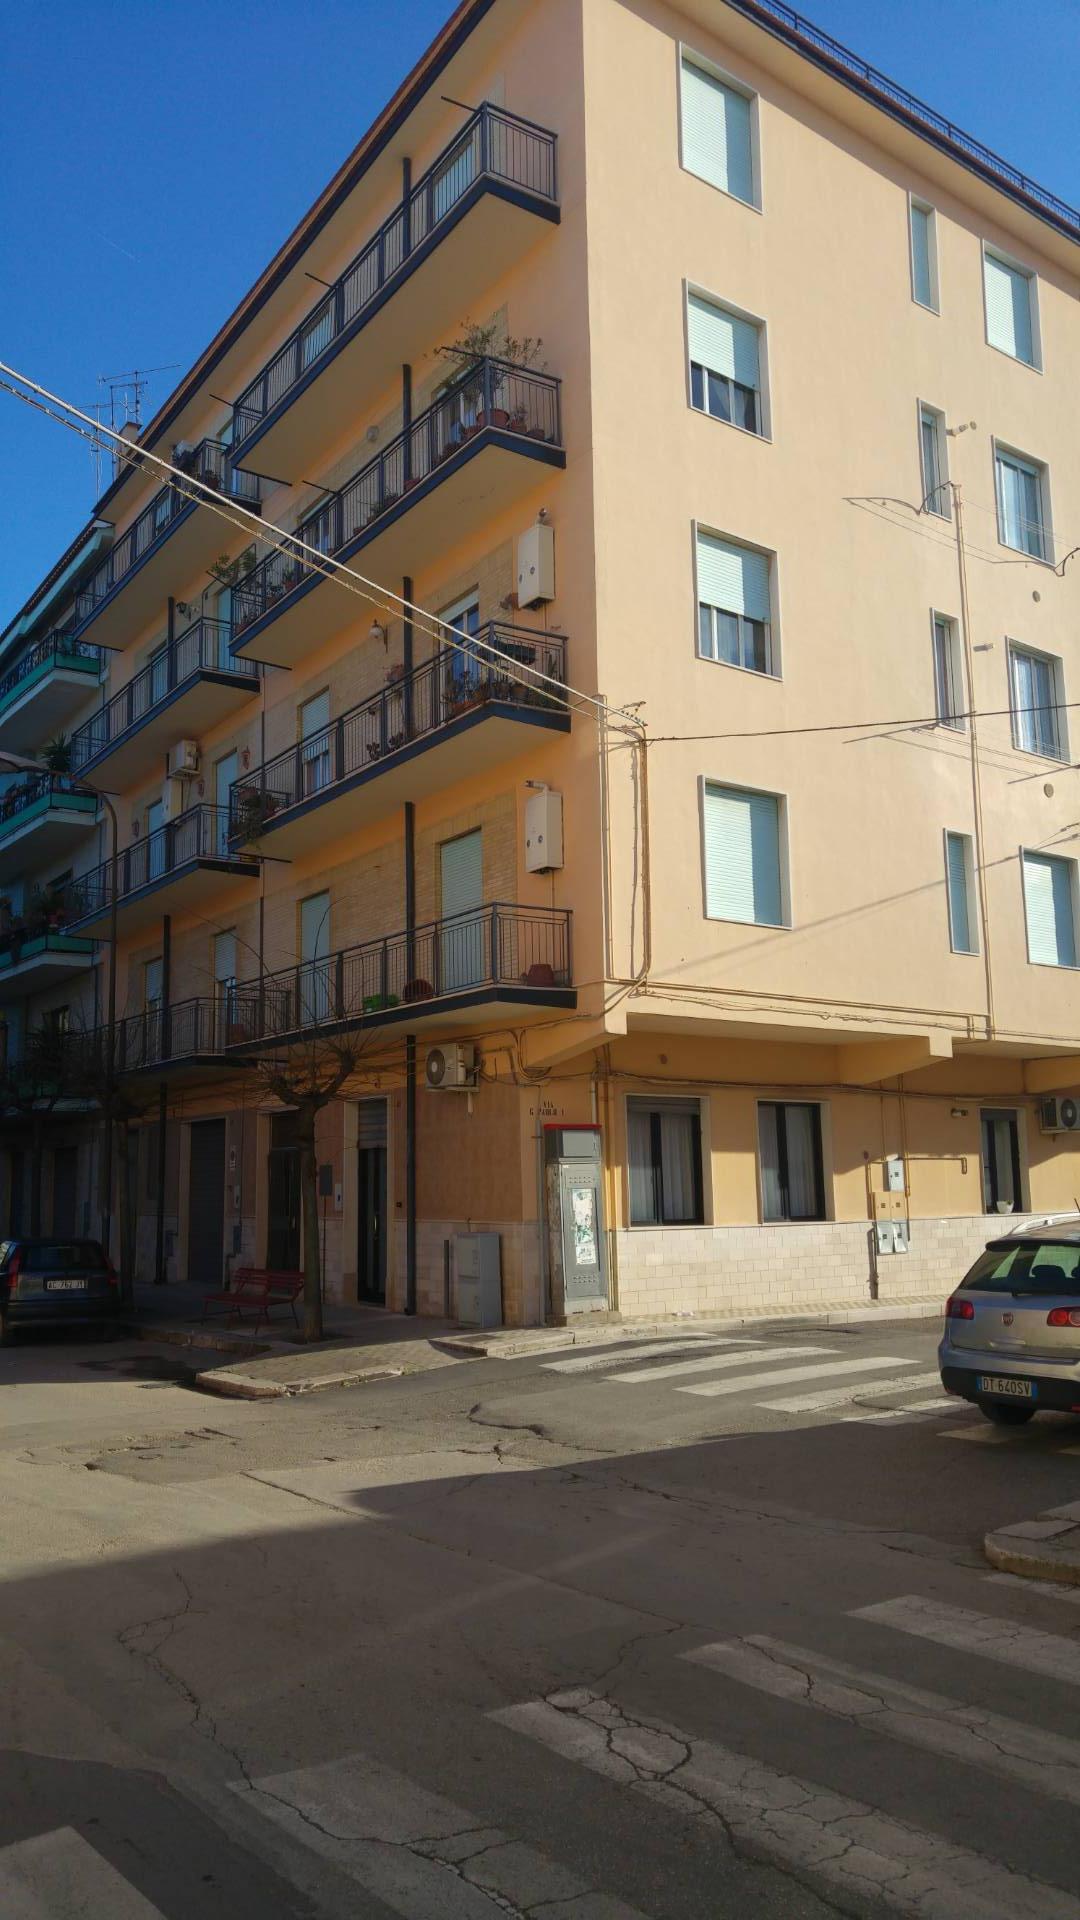 Appartamento in vendita a San Nicandro Garganico, 3 locali, zona Località: CENTRO, prezzo € 33.000   CambioCasa.it